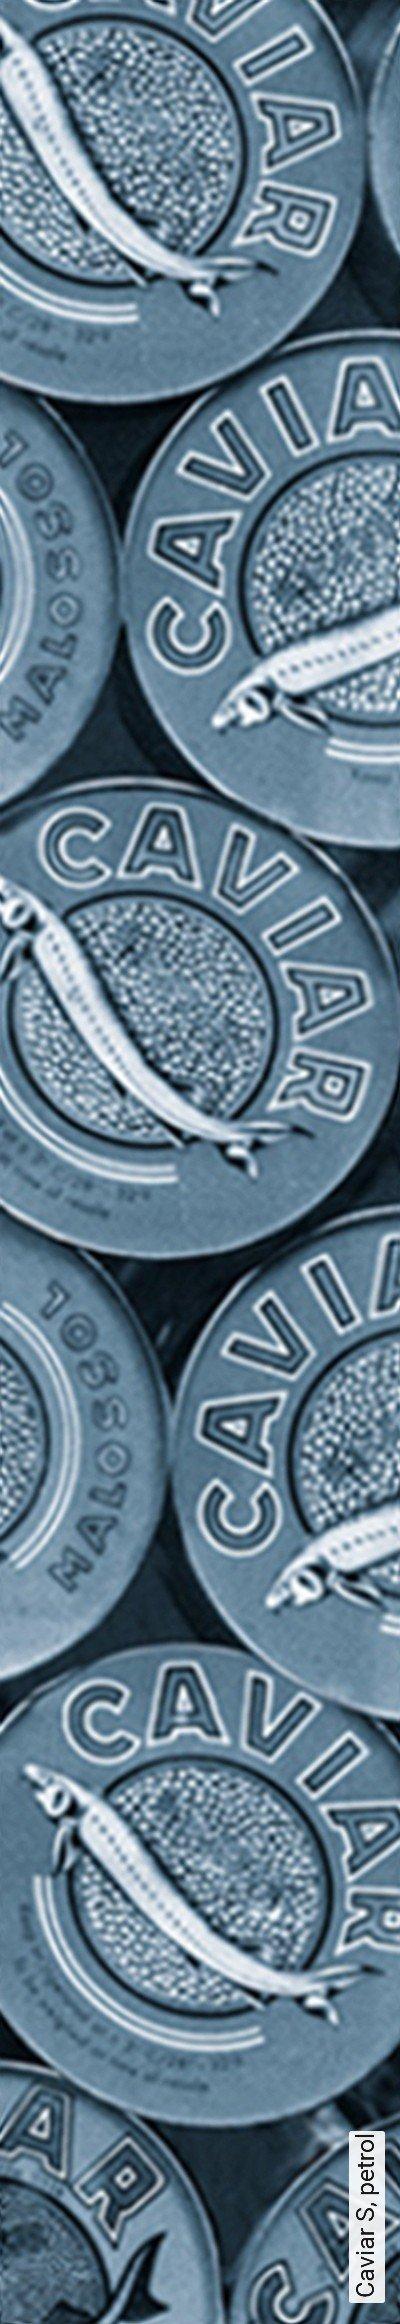 Bild: Tapeten - Caviar S, petrol